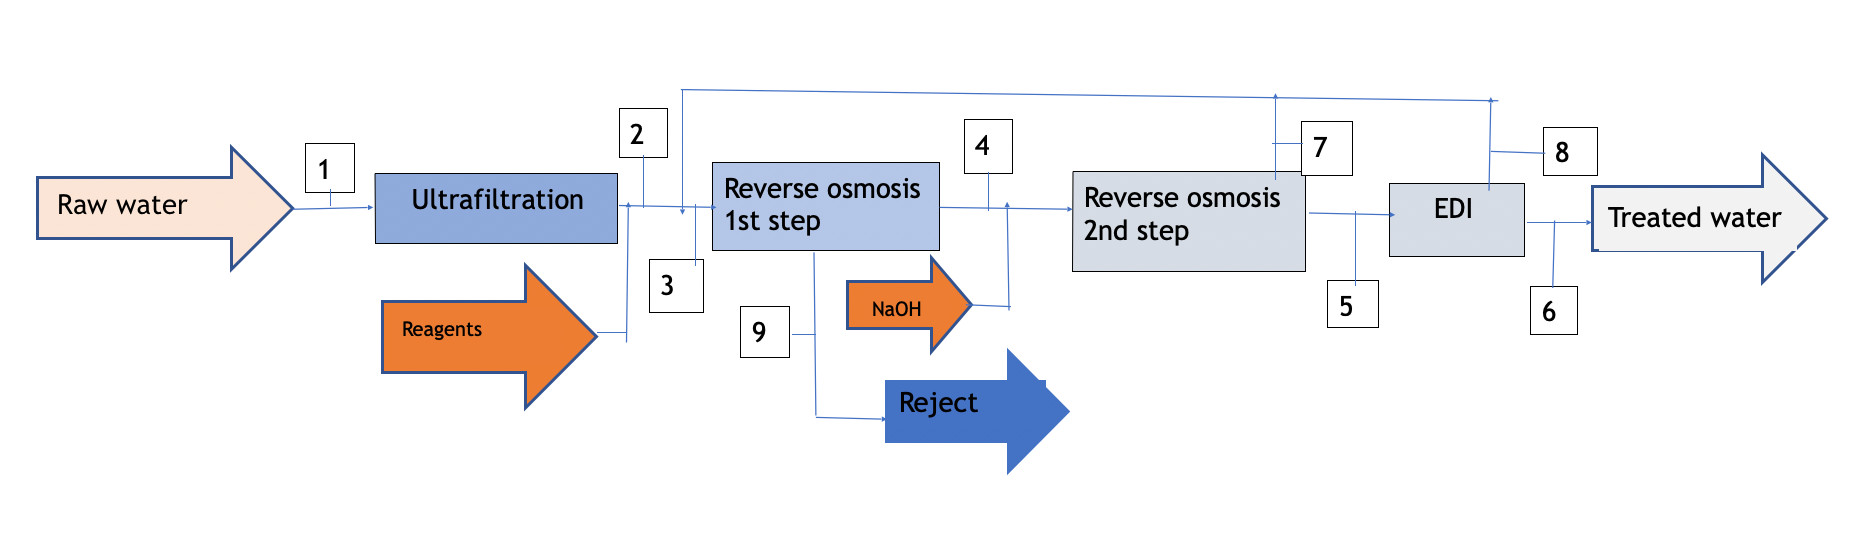 edi-diagram-1-en